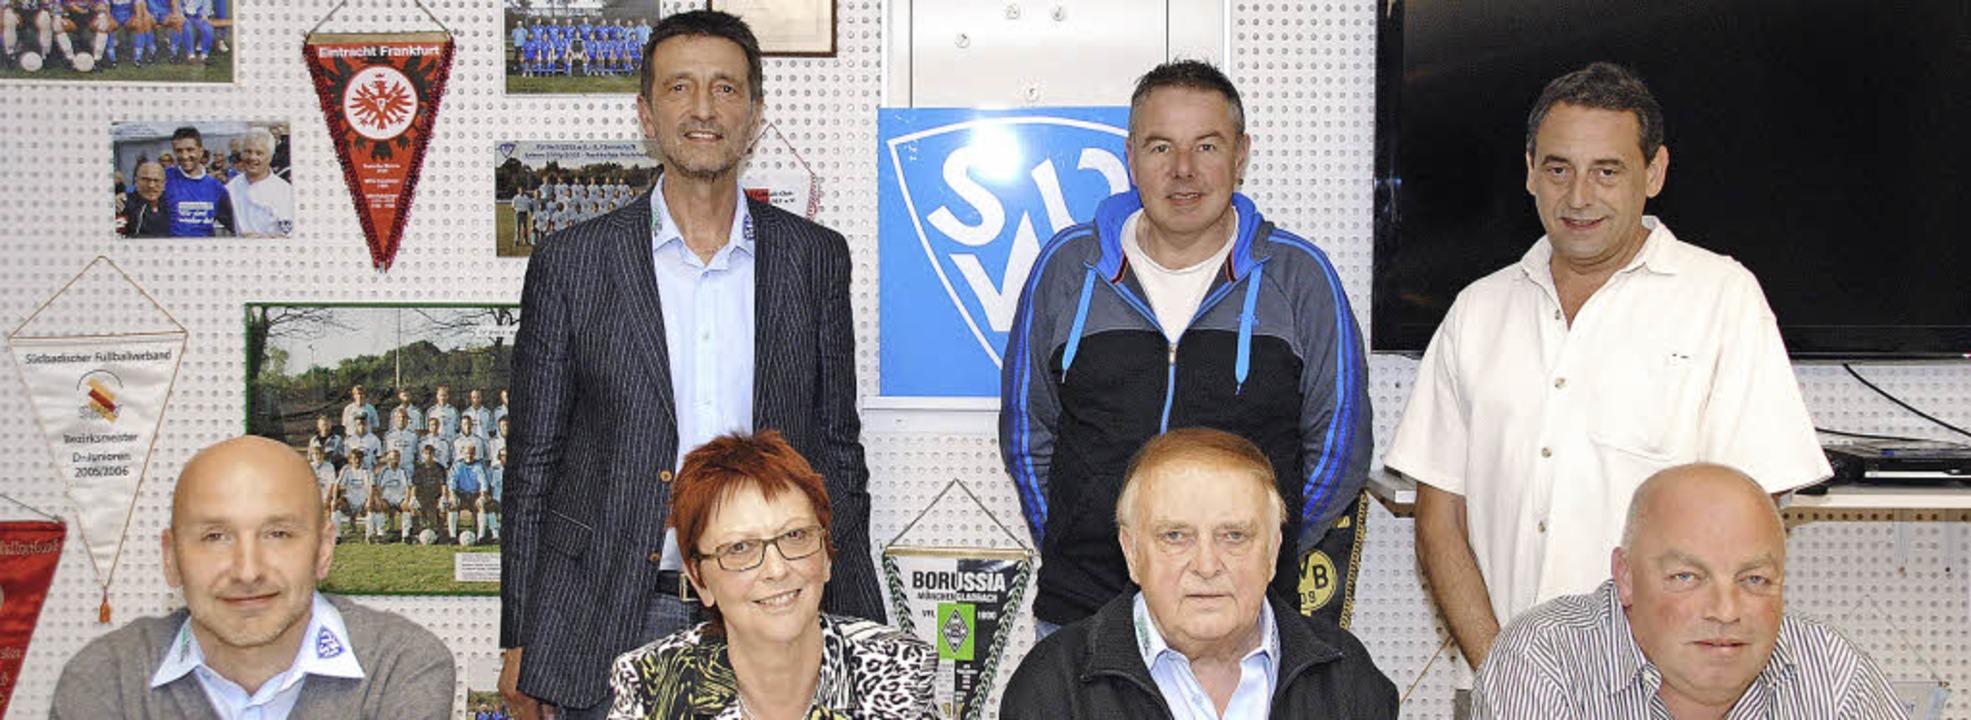 Sie leiten den SV Weil: hinten von lin...Dieter Reinbold und Bernd Vogtsberger   | Foto: Sedlak